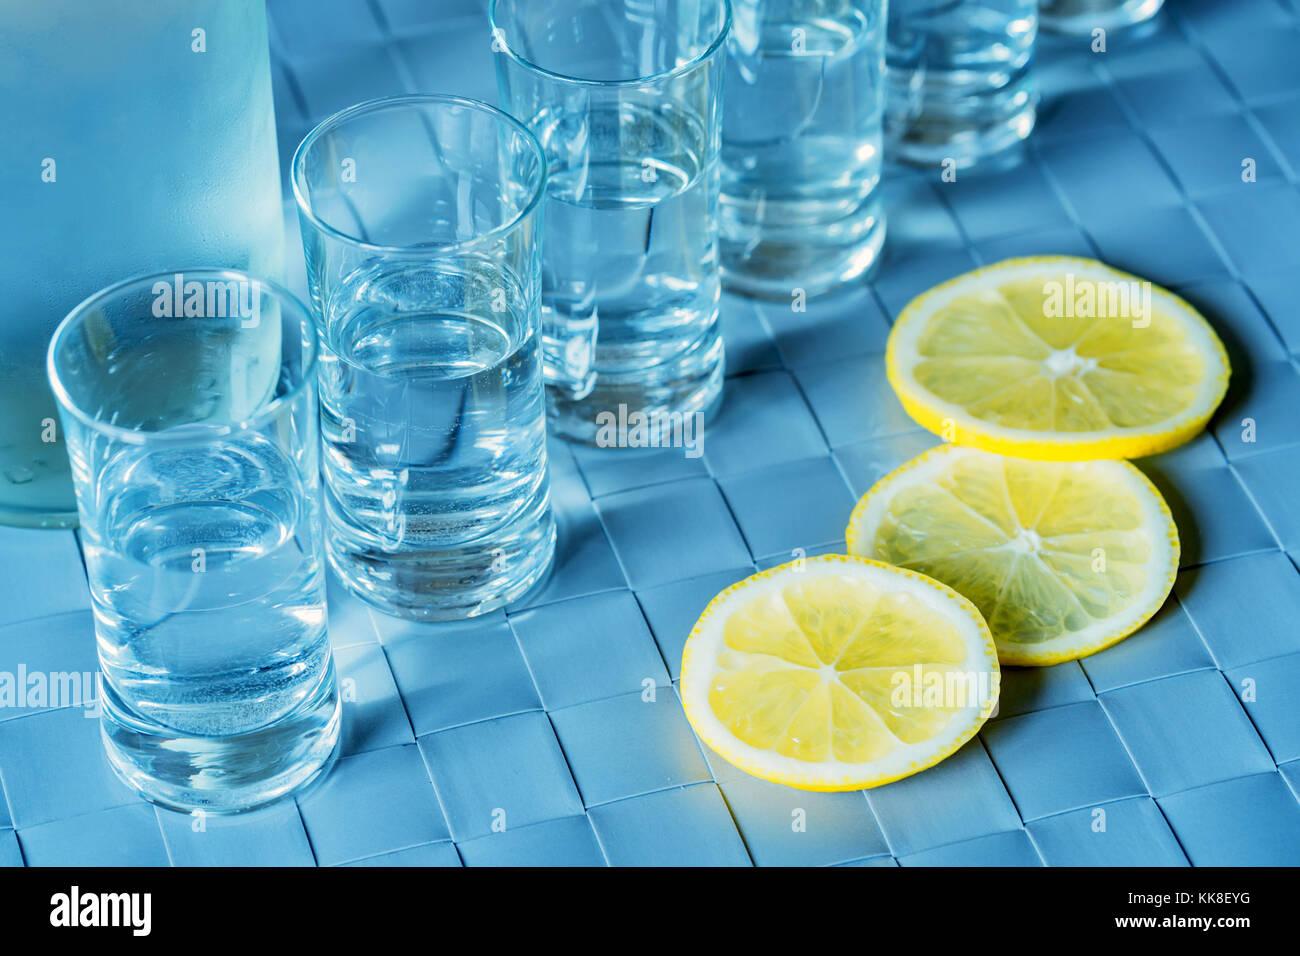 Verre de vodka et citron sur la surface bleue Banque D'Images